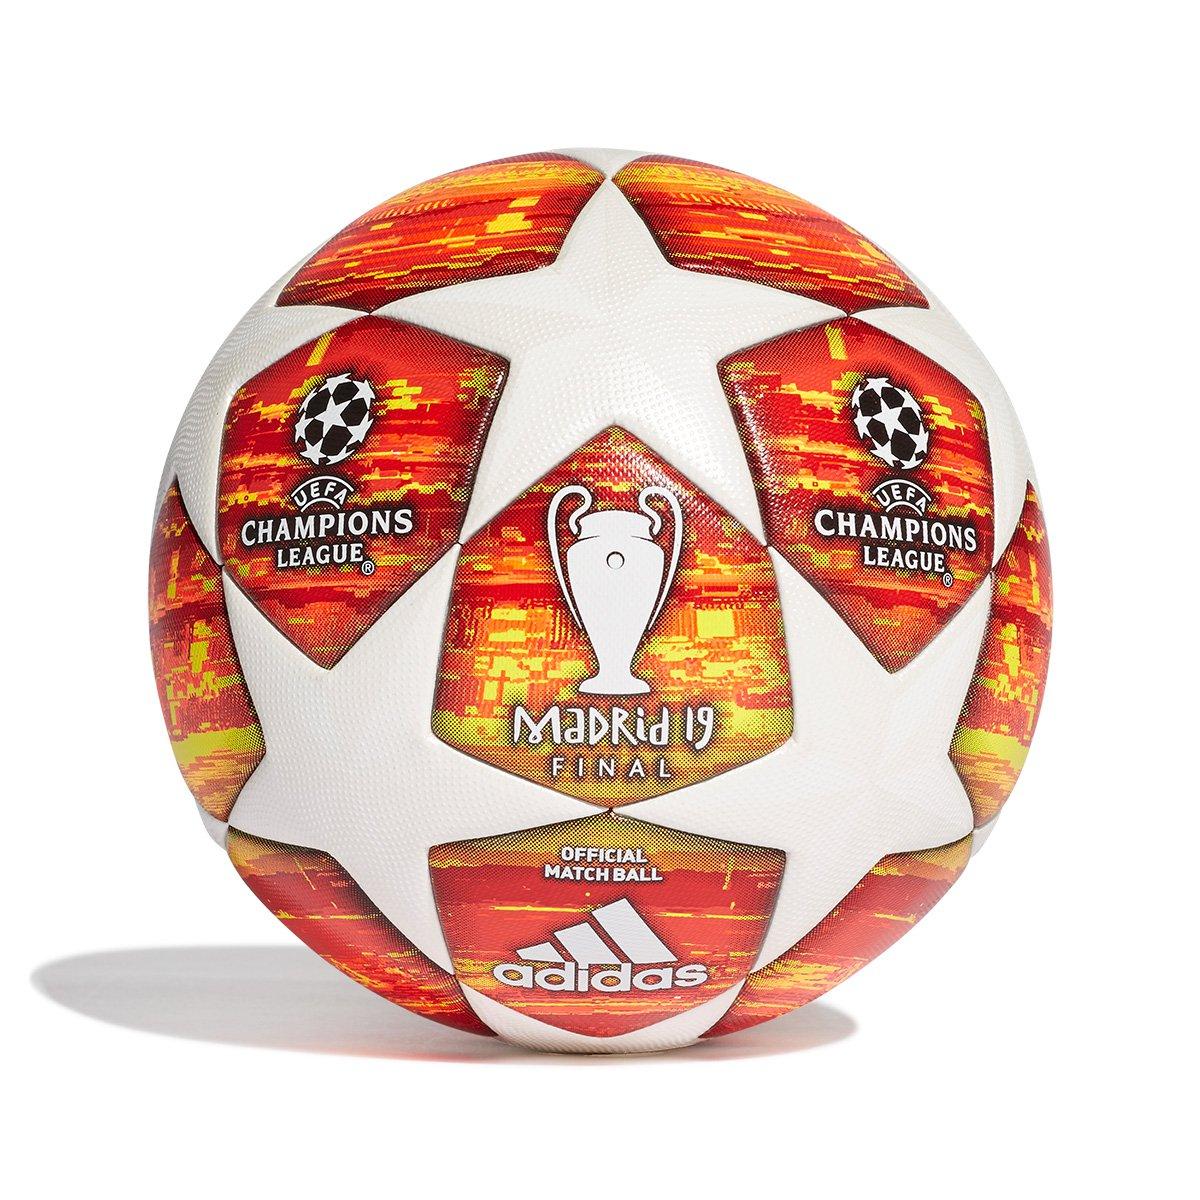 a41318172a239 Bola de Futebol Campo Adidas Uefa Champions League Finale 19 - Branco e  Vermelho - Compre Agora